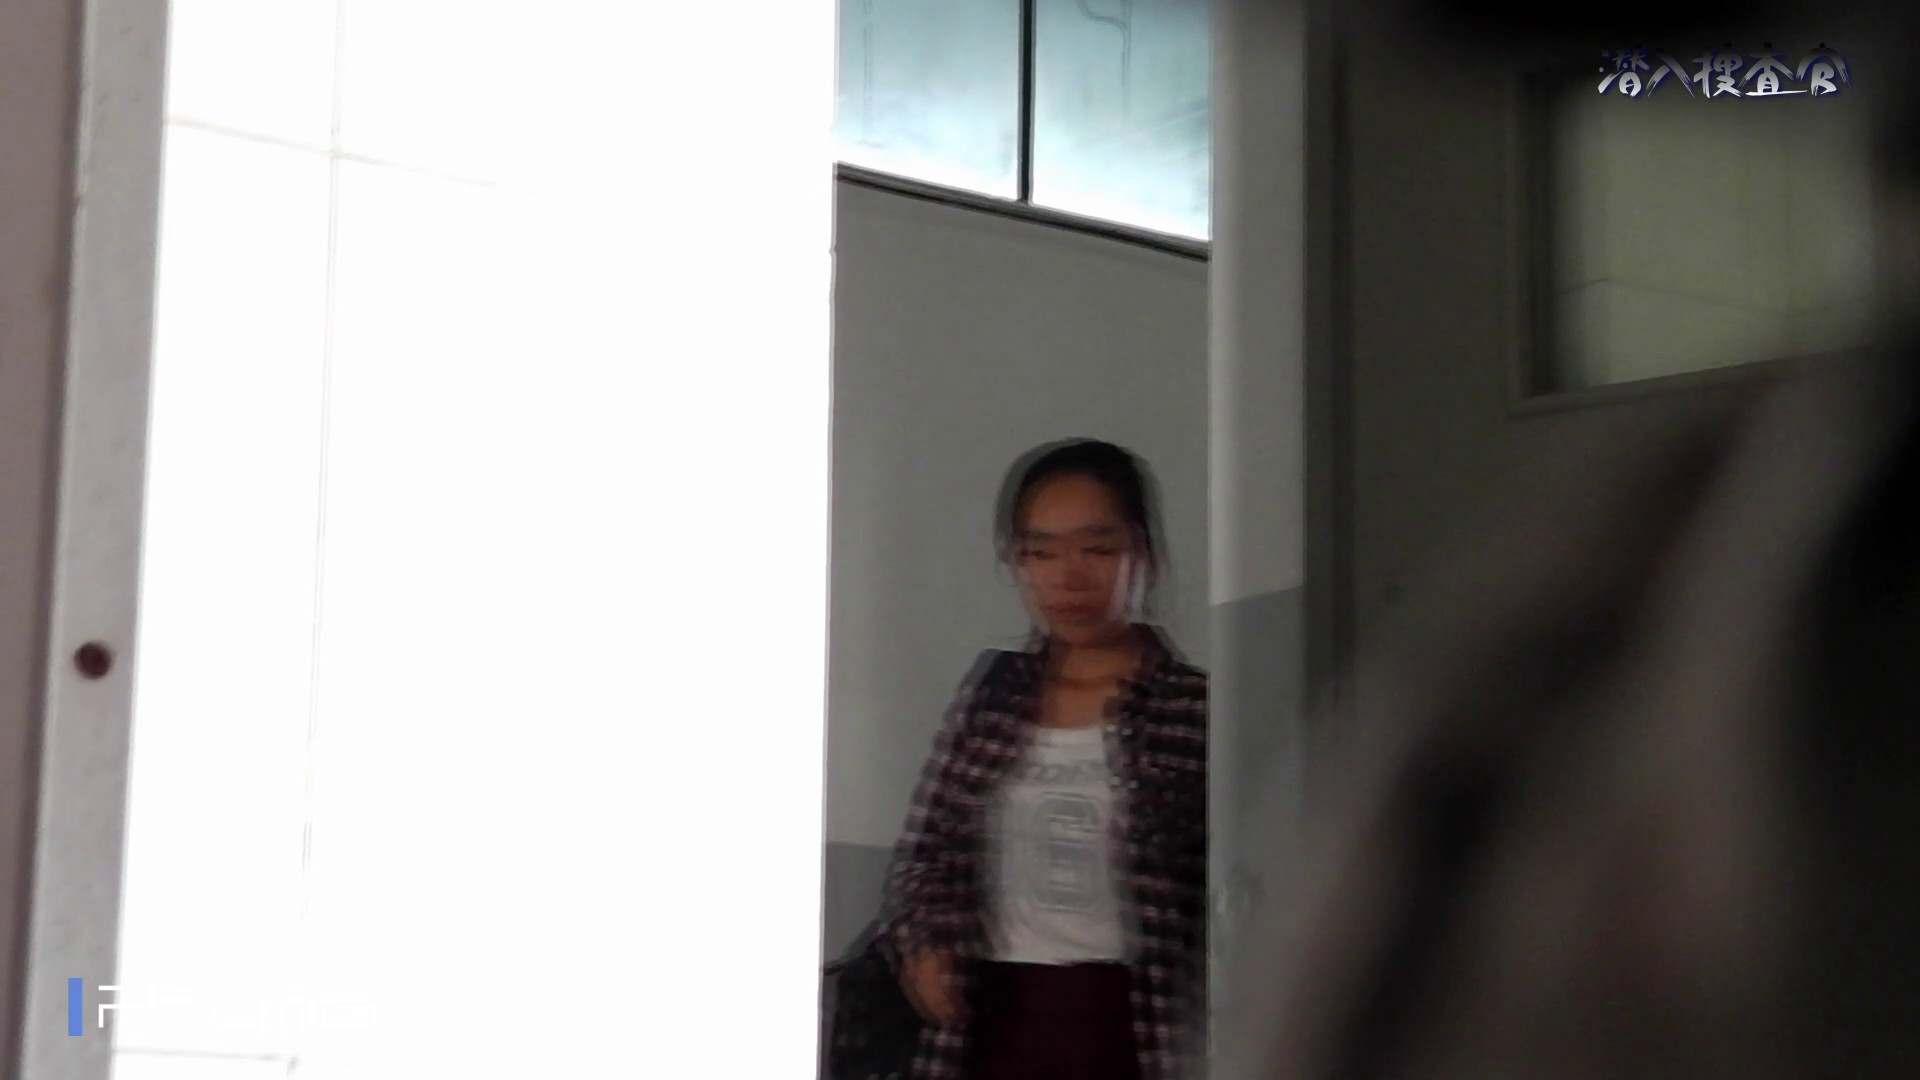 下からノゾム vol.039 やりすぎ、うぶげまで見えてます。 美肌 オメコ動画キャプチャ 111画像 75